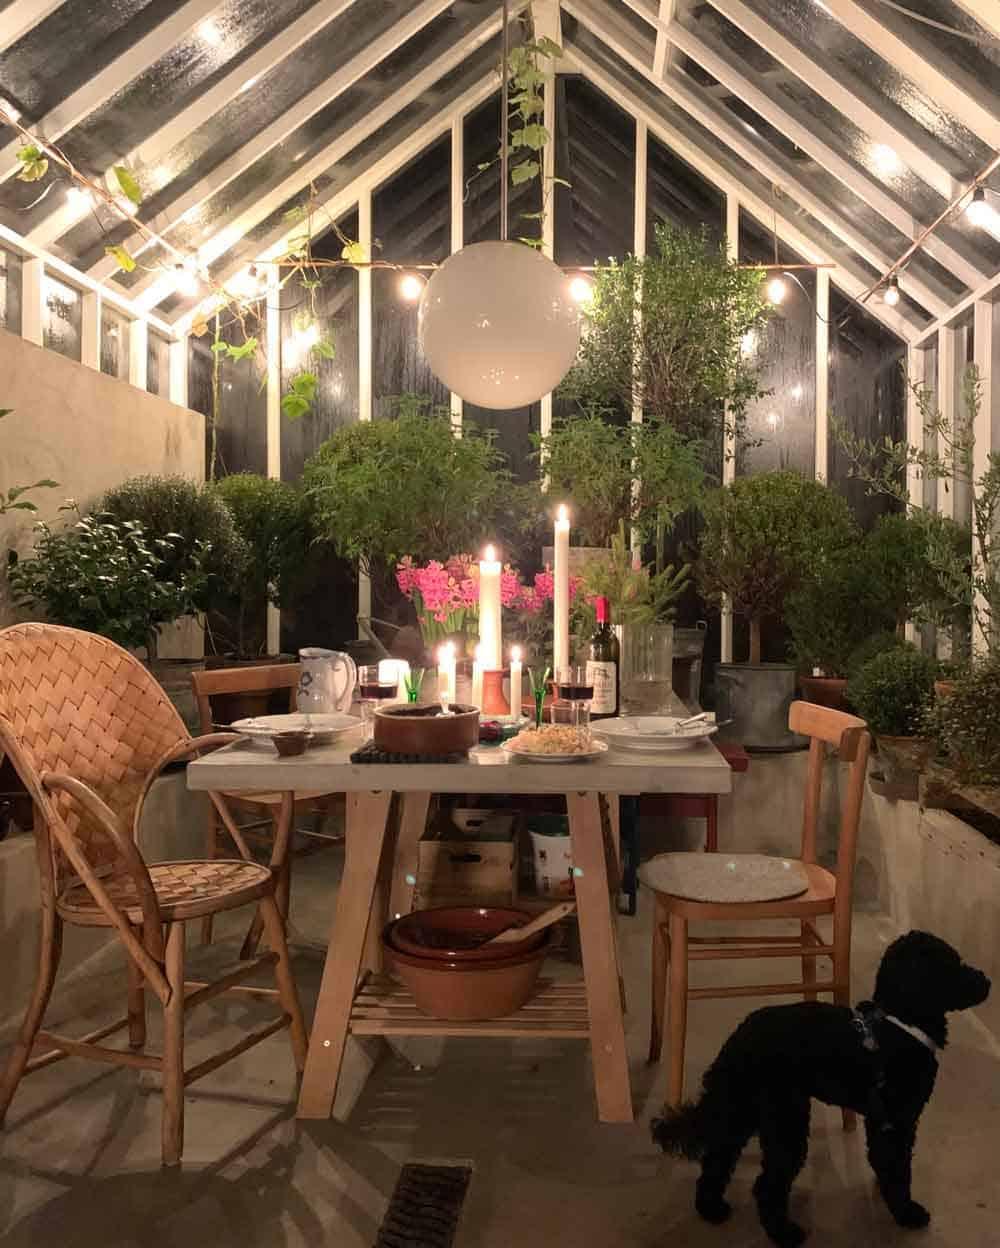 Uppdukat bord och julmat i växthus.